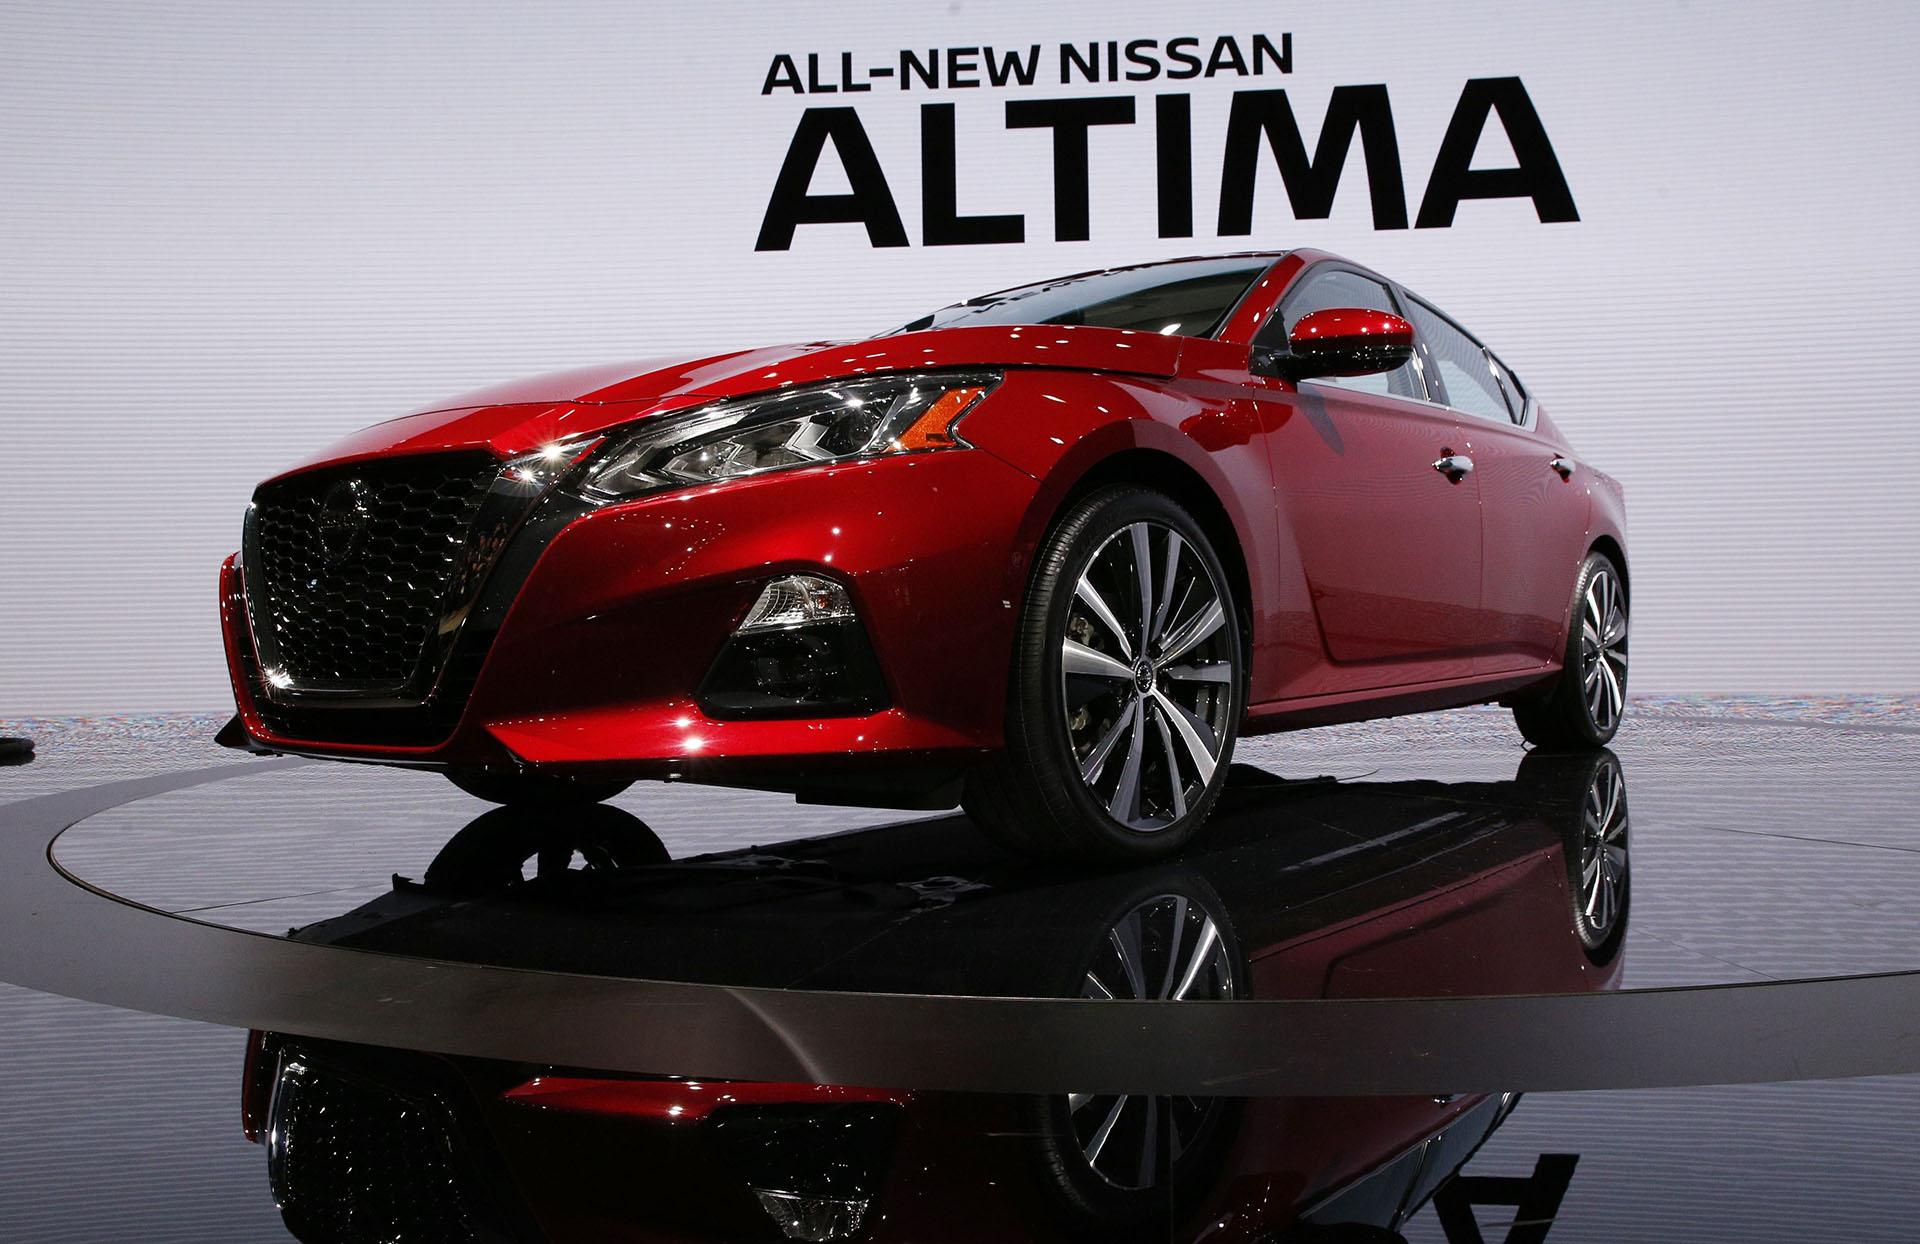 En Nueva York se presentó la sexta generación del Nissan Altima 2019, el popular sedán mediano de la marca nipona. Incluye por primera vez la tecnología Nissan Intelligent Mobility con ProPilot y dos nuevas motorizaciones, con la expectativa de mantenerse a la vanguardia de un segmento con alta competencia